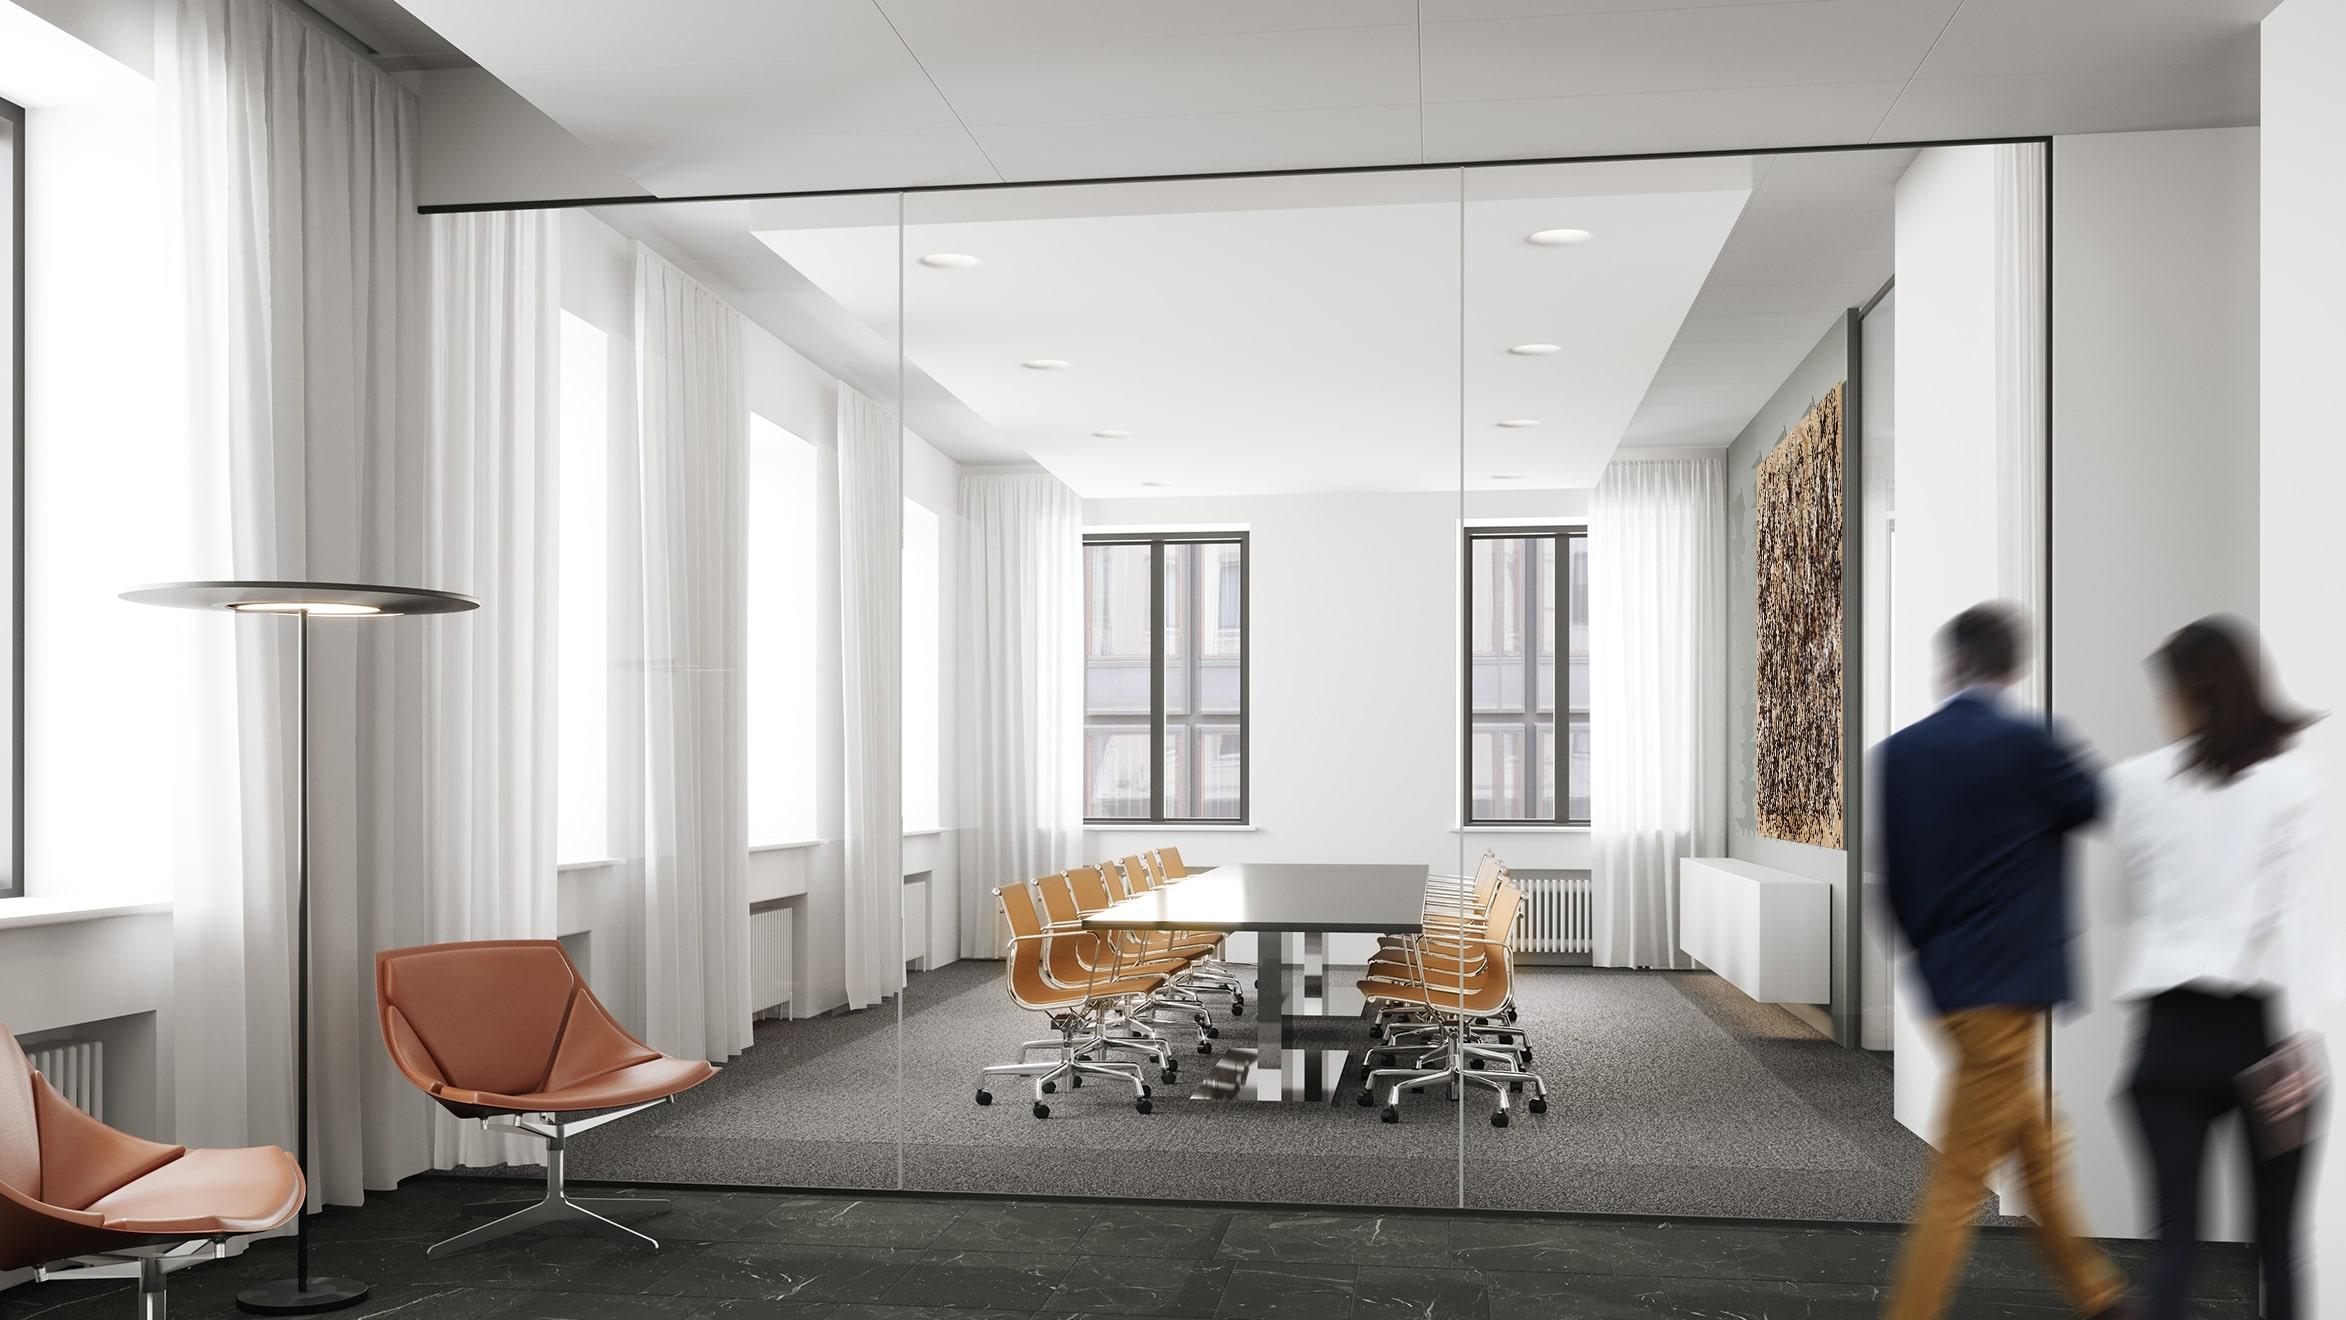 Toisen kerroksen toimistotilat